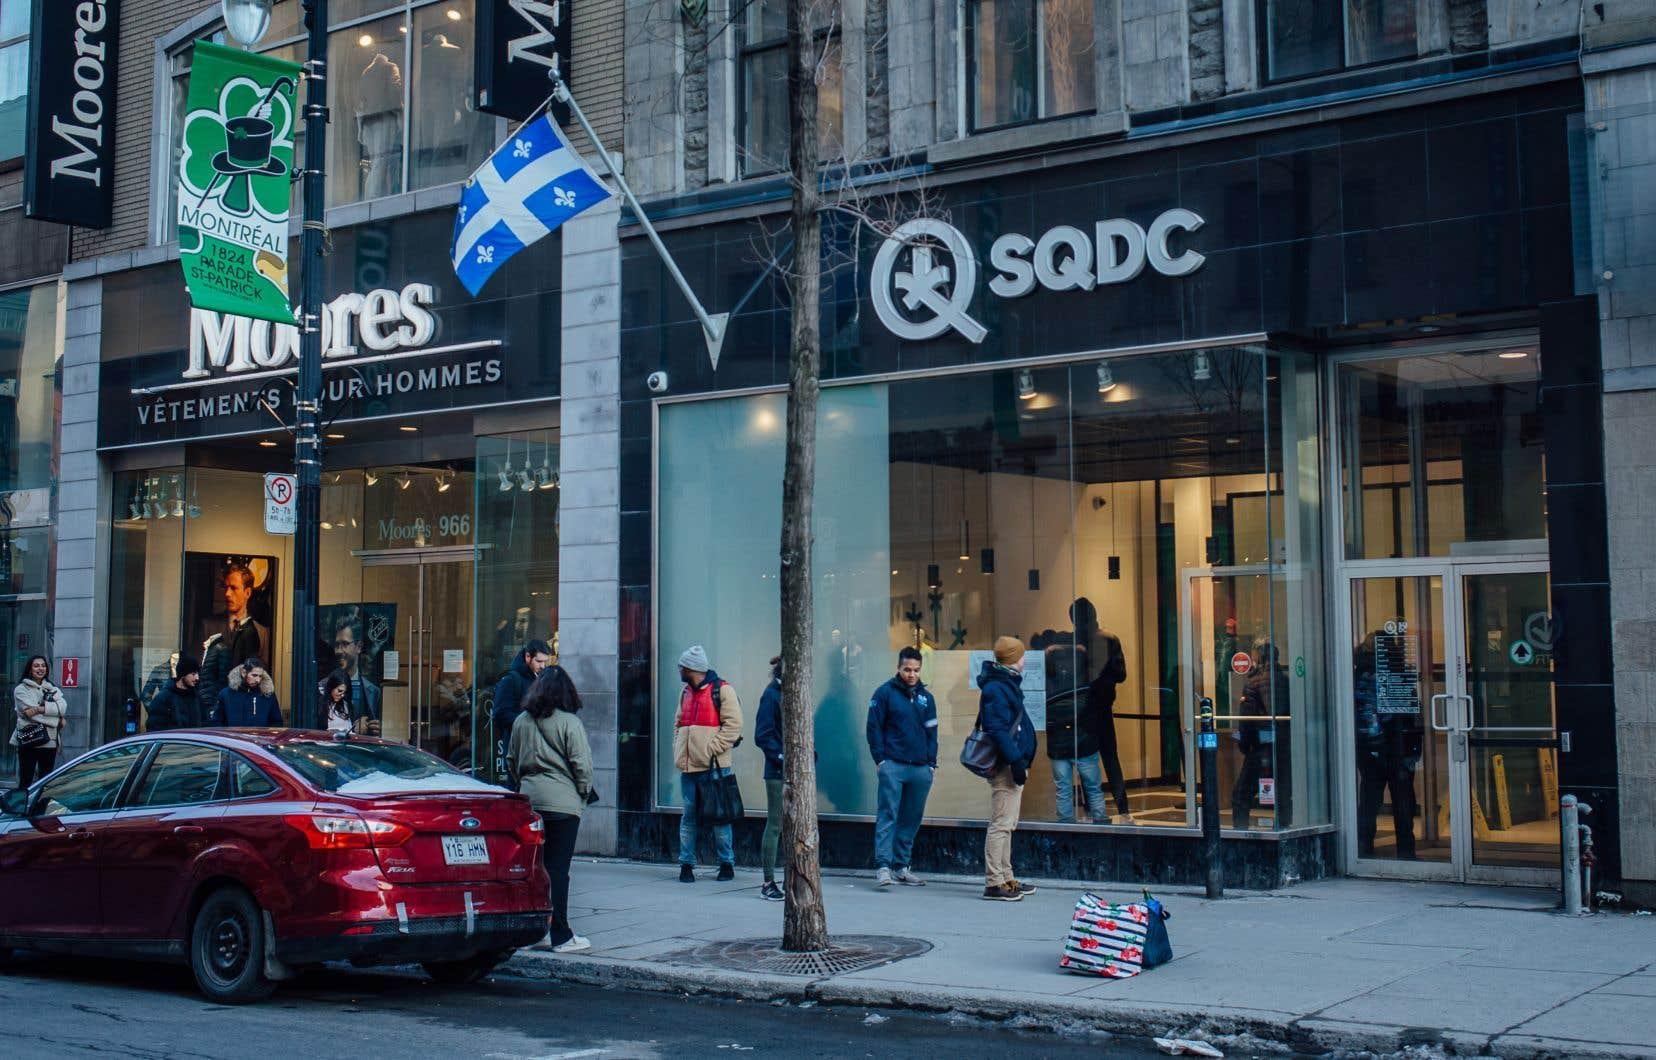 La SQDC évalue sa part de marché en estimant qu'il se consomme environ 150millions de grammes de marijuana en une année au Québec.